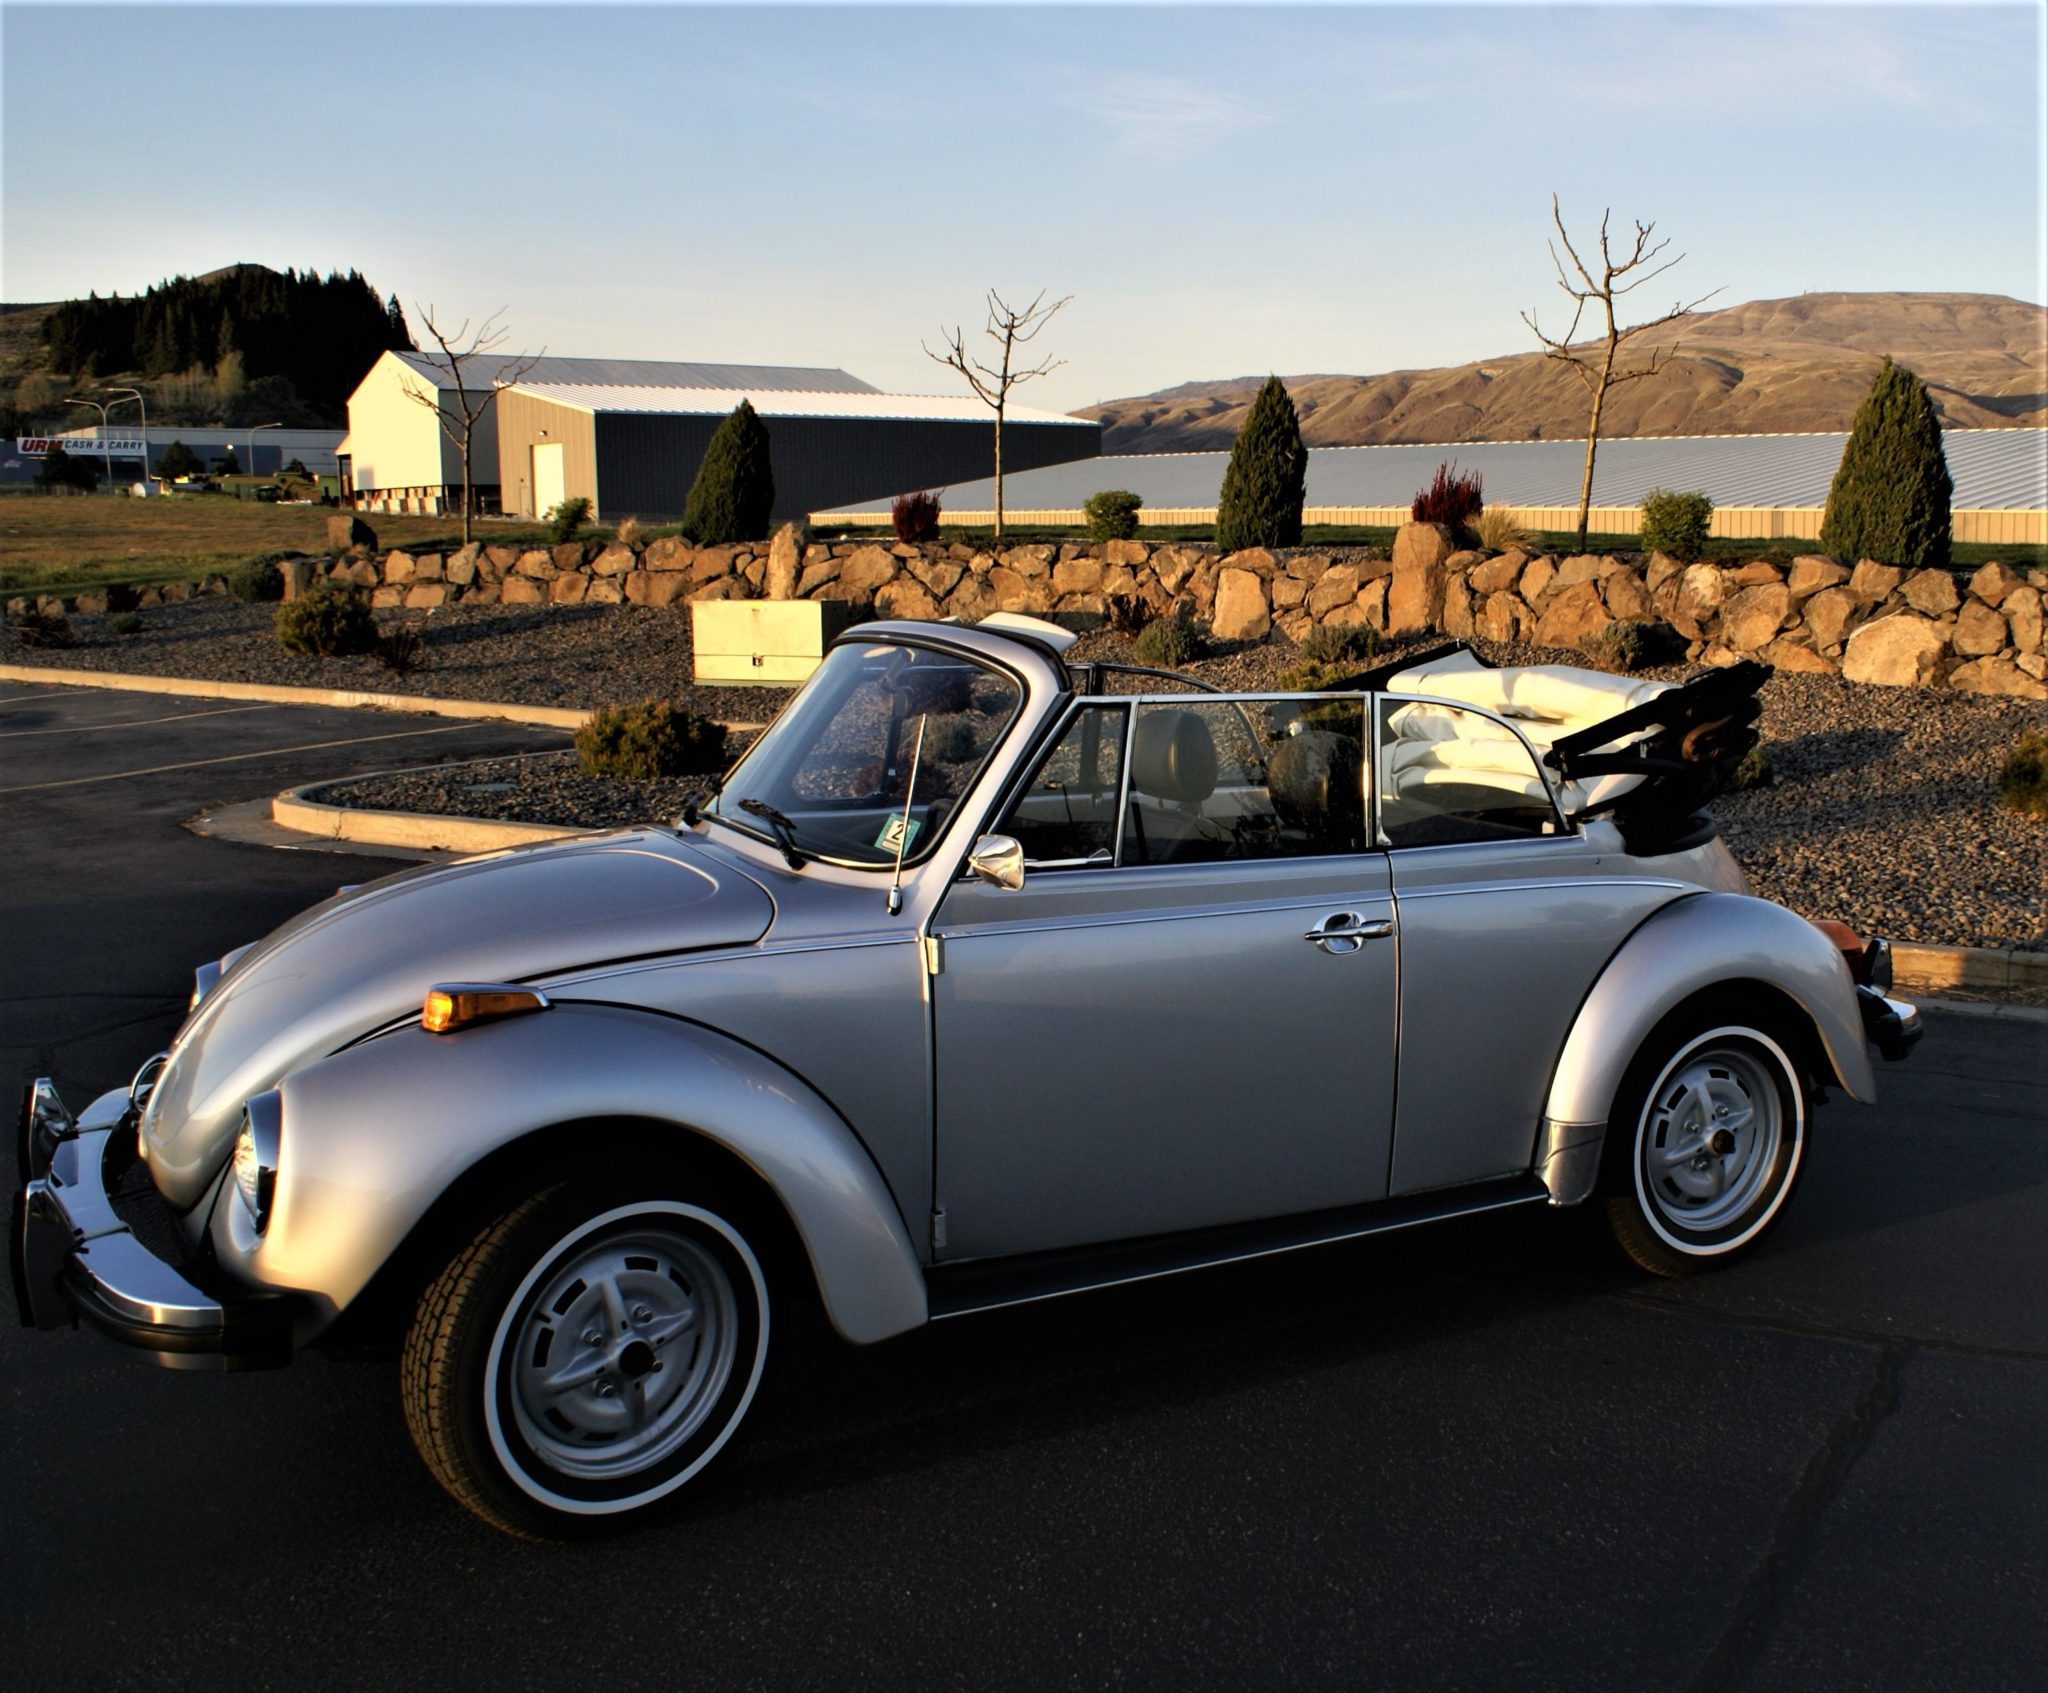 1979_volkswagen_super_beetle_cabriolet_15870728785ff3ef5edb25977DSC07325-scaled